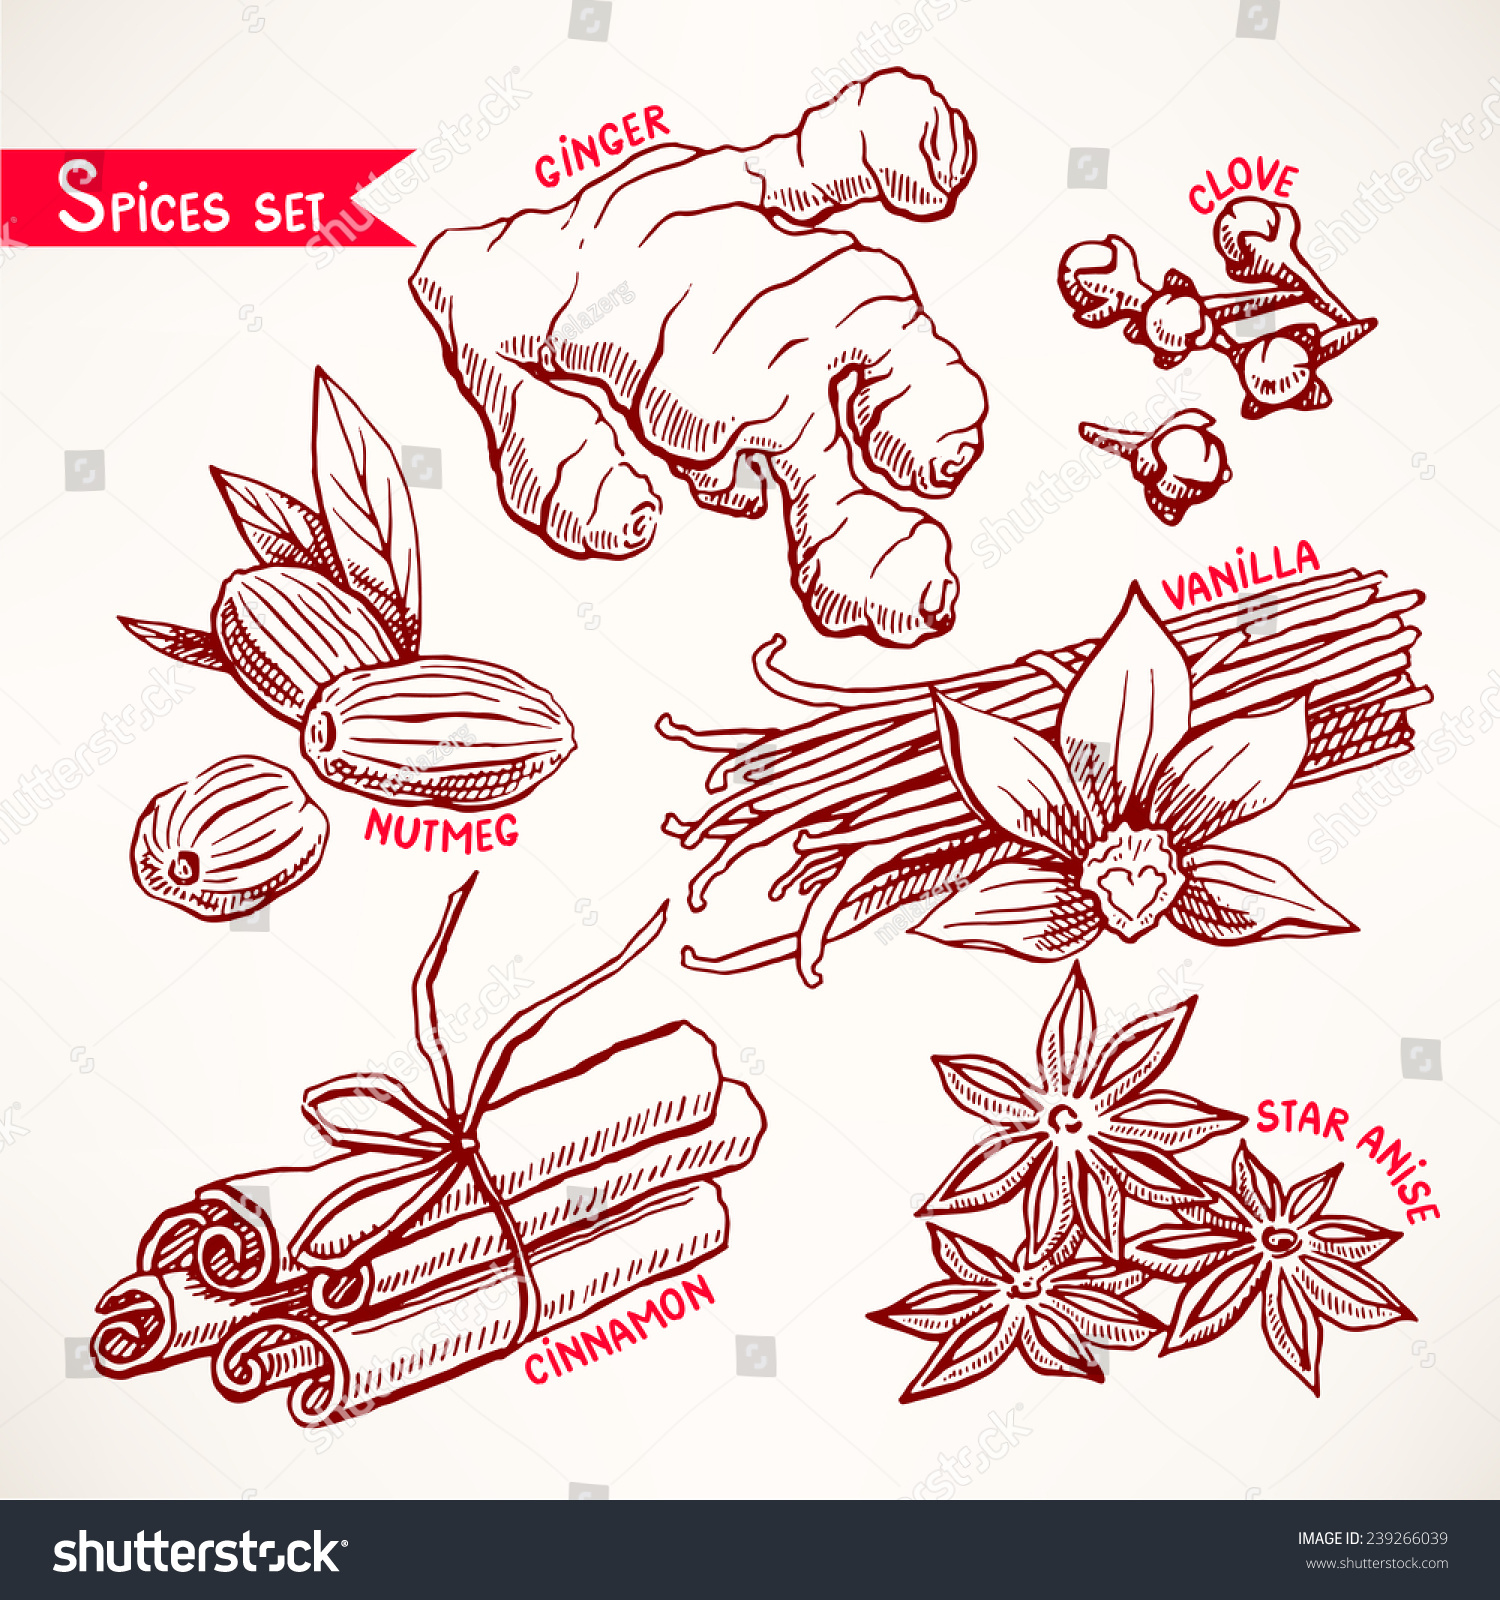 手绘插图-食品及饮料